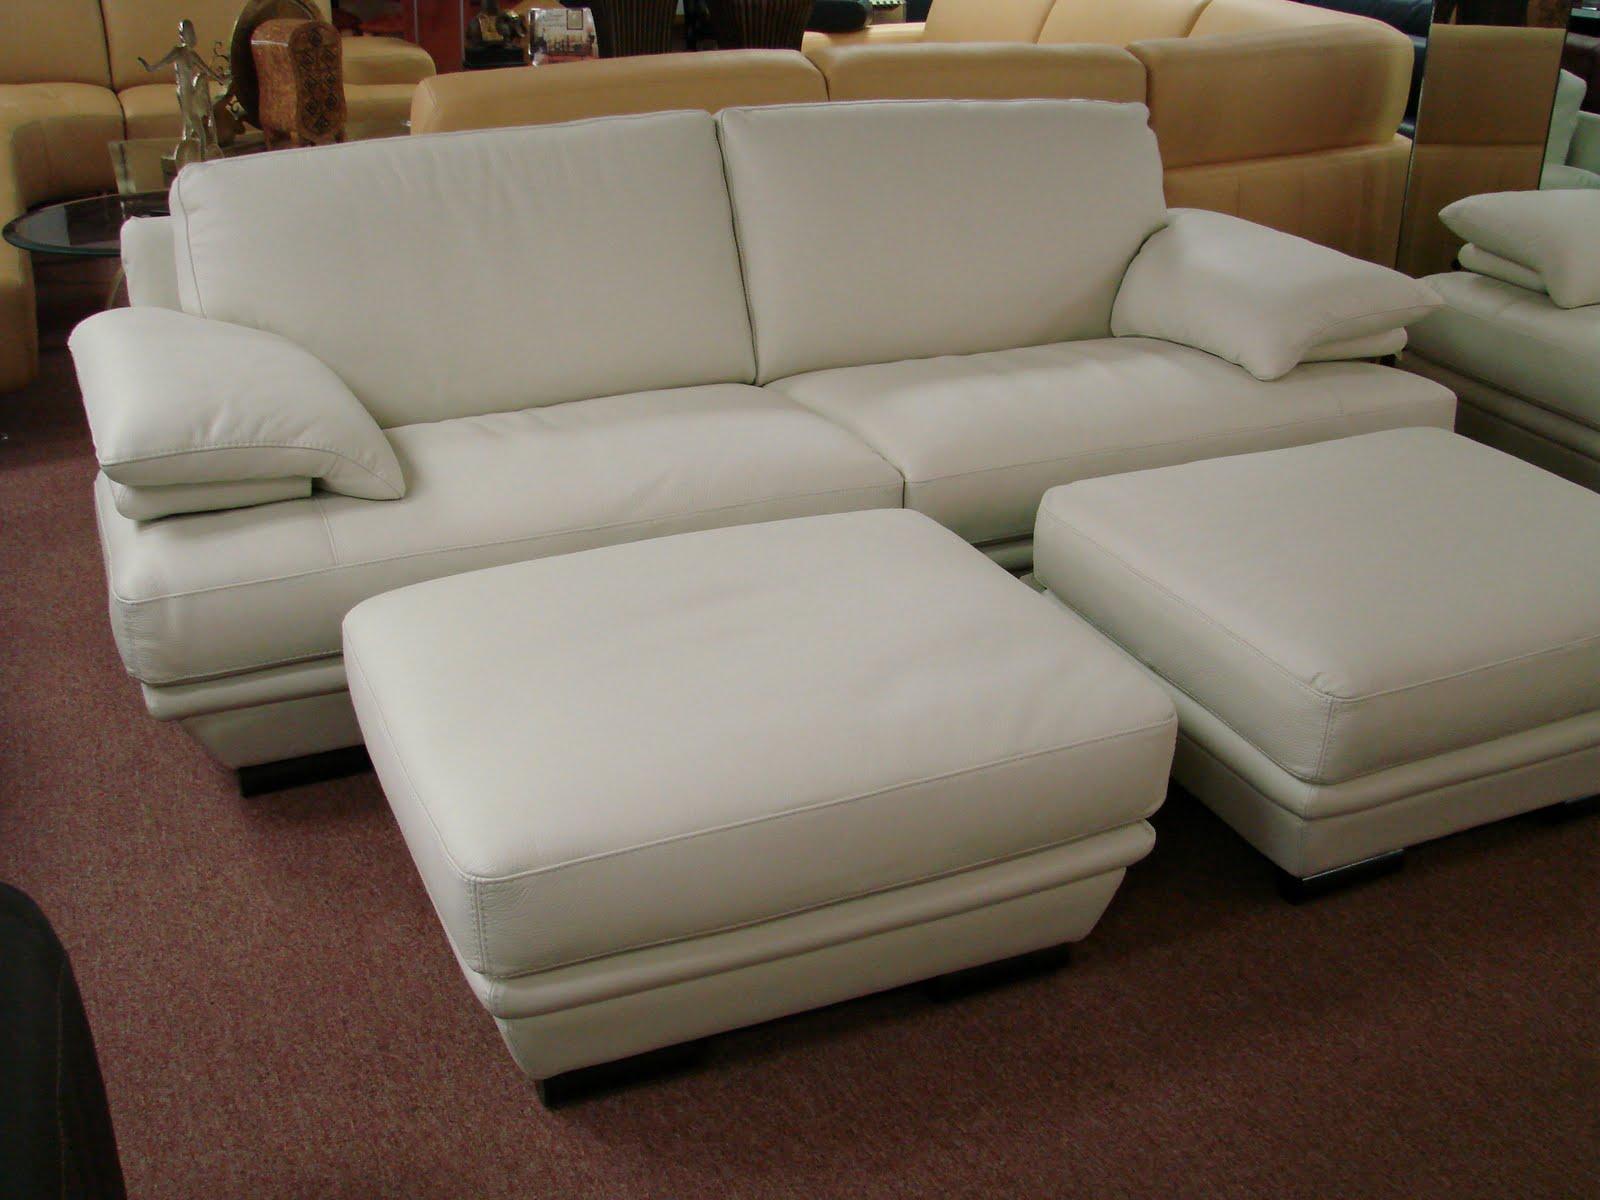 Sofa Bed Prices In Dubai